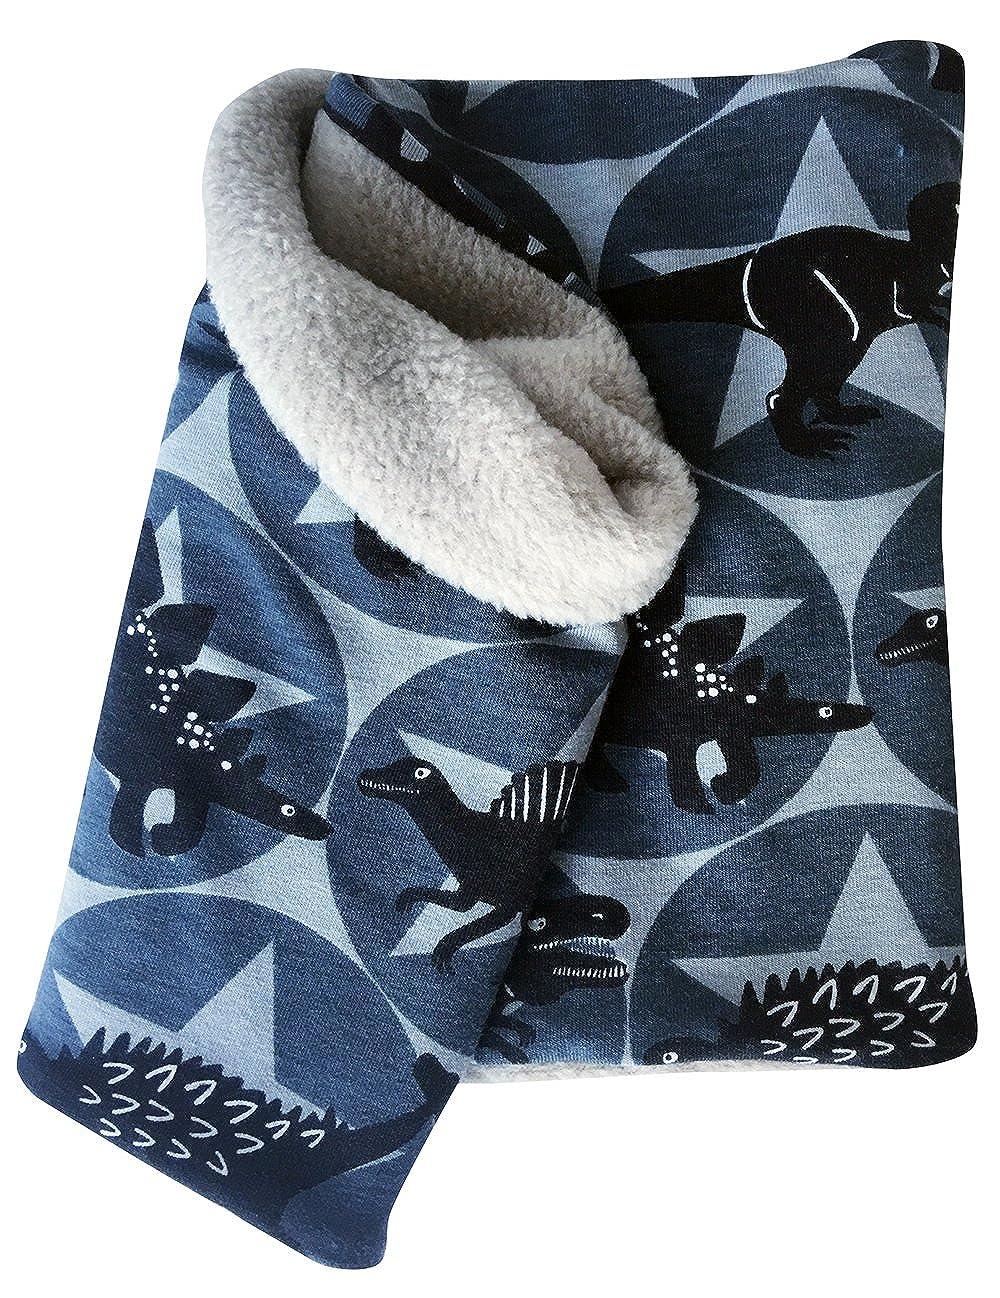 Wollhuhn Warmes Halstuch, Schlupfschal, Schal mit coolen Dinos und Sternen für Jungen und Mädchen, Innenseite aus Fleece, 20170115